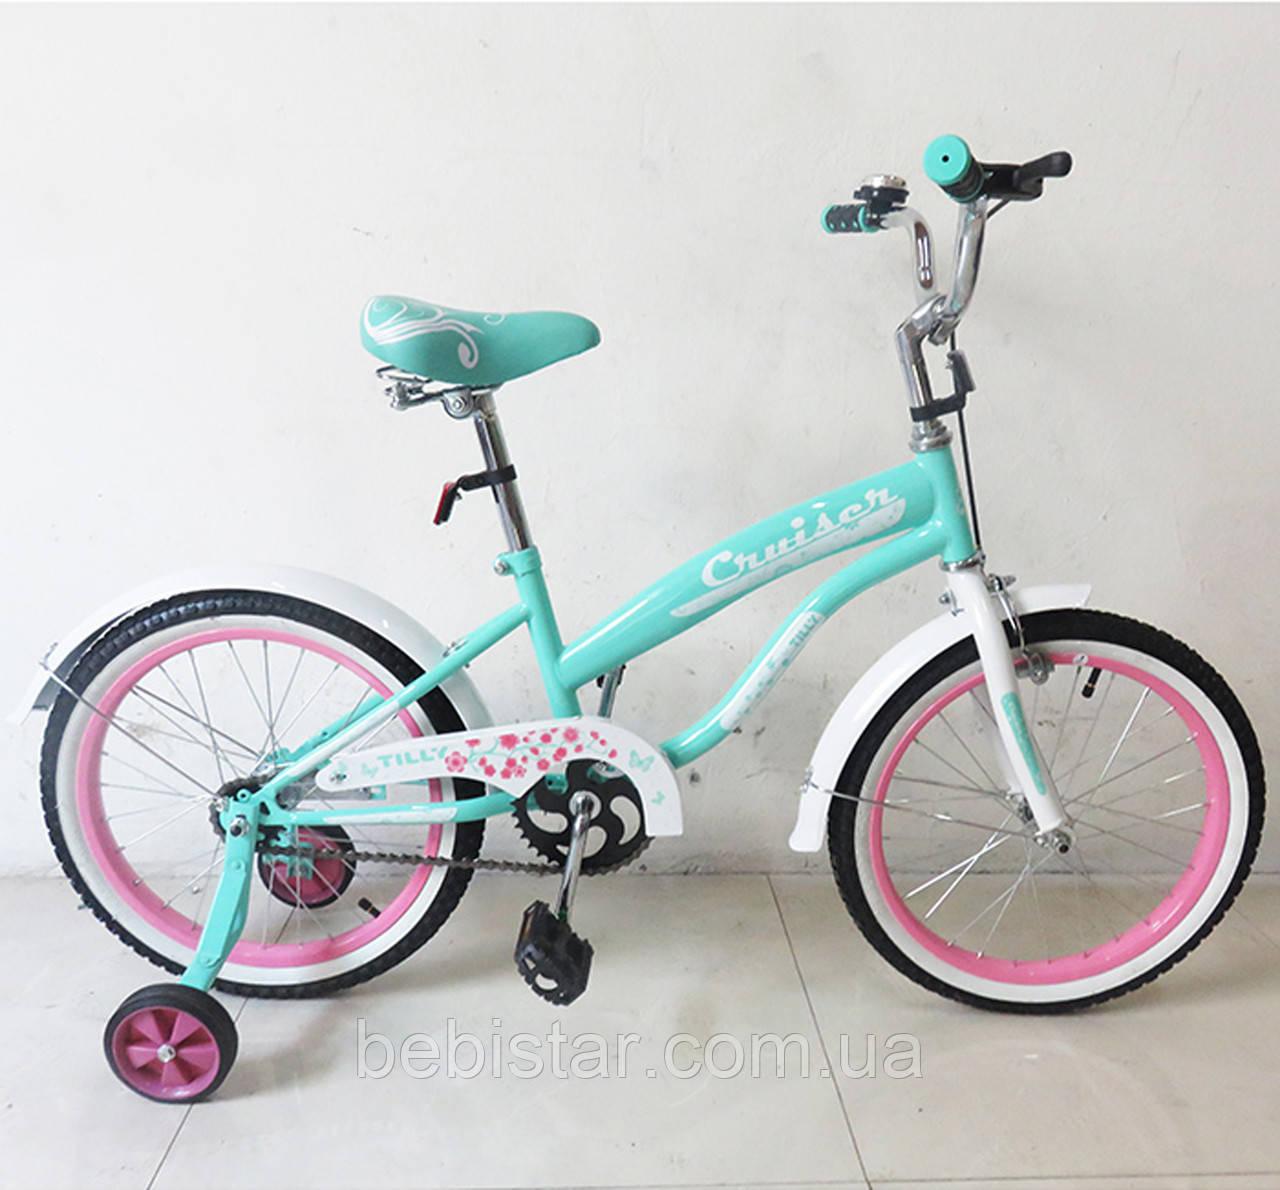 """Дитячий двоколісний велосипед TILLY 18"""" T-21832 для дітей 5-7 років, бірюзовий"""